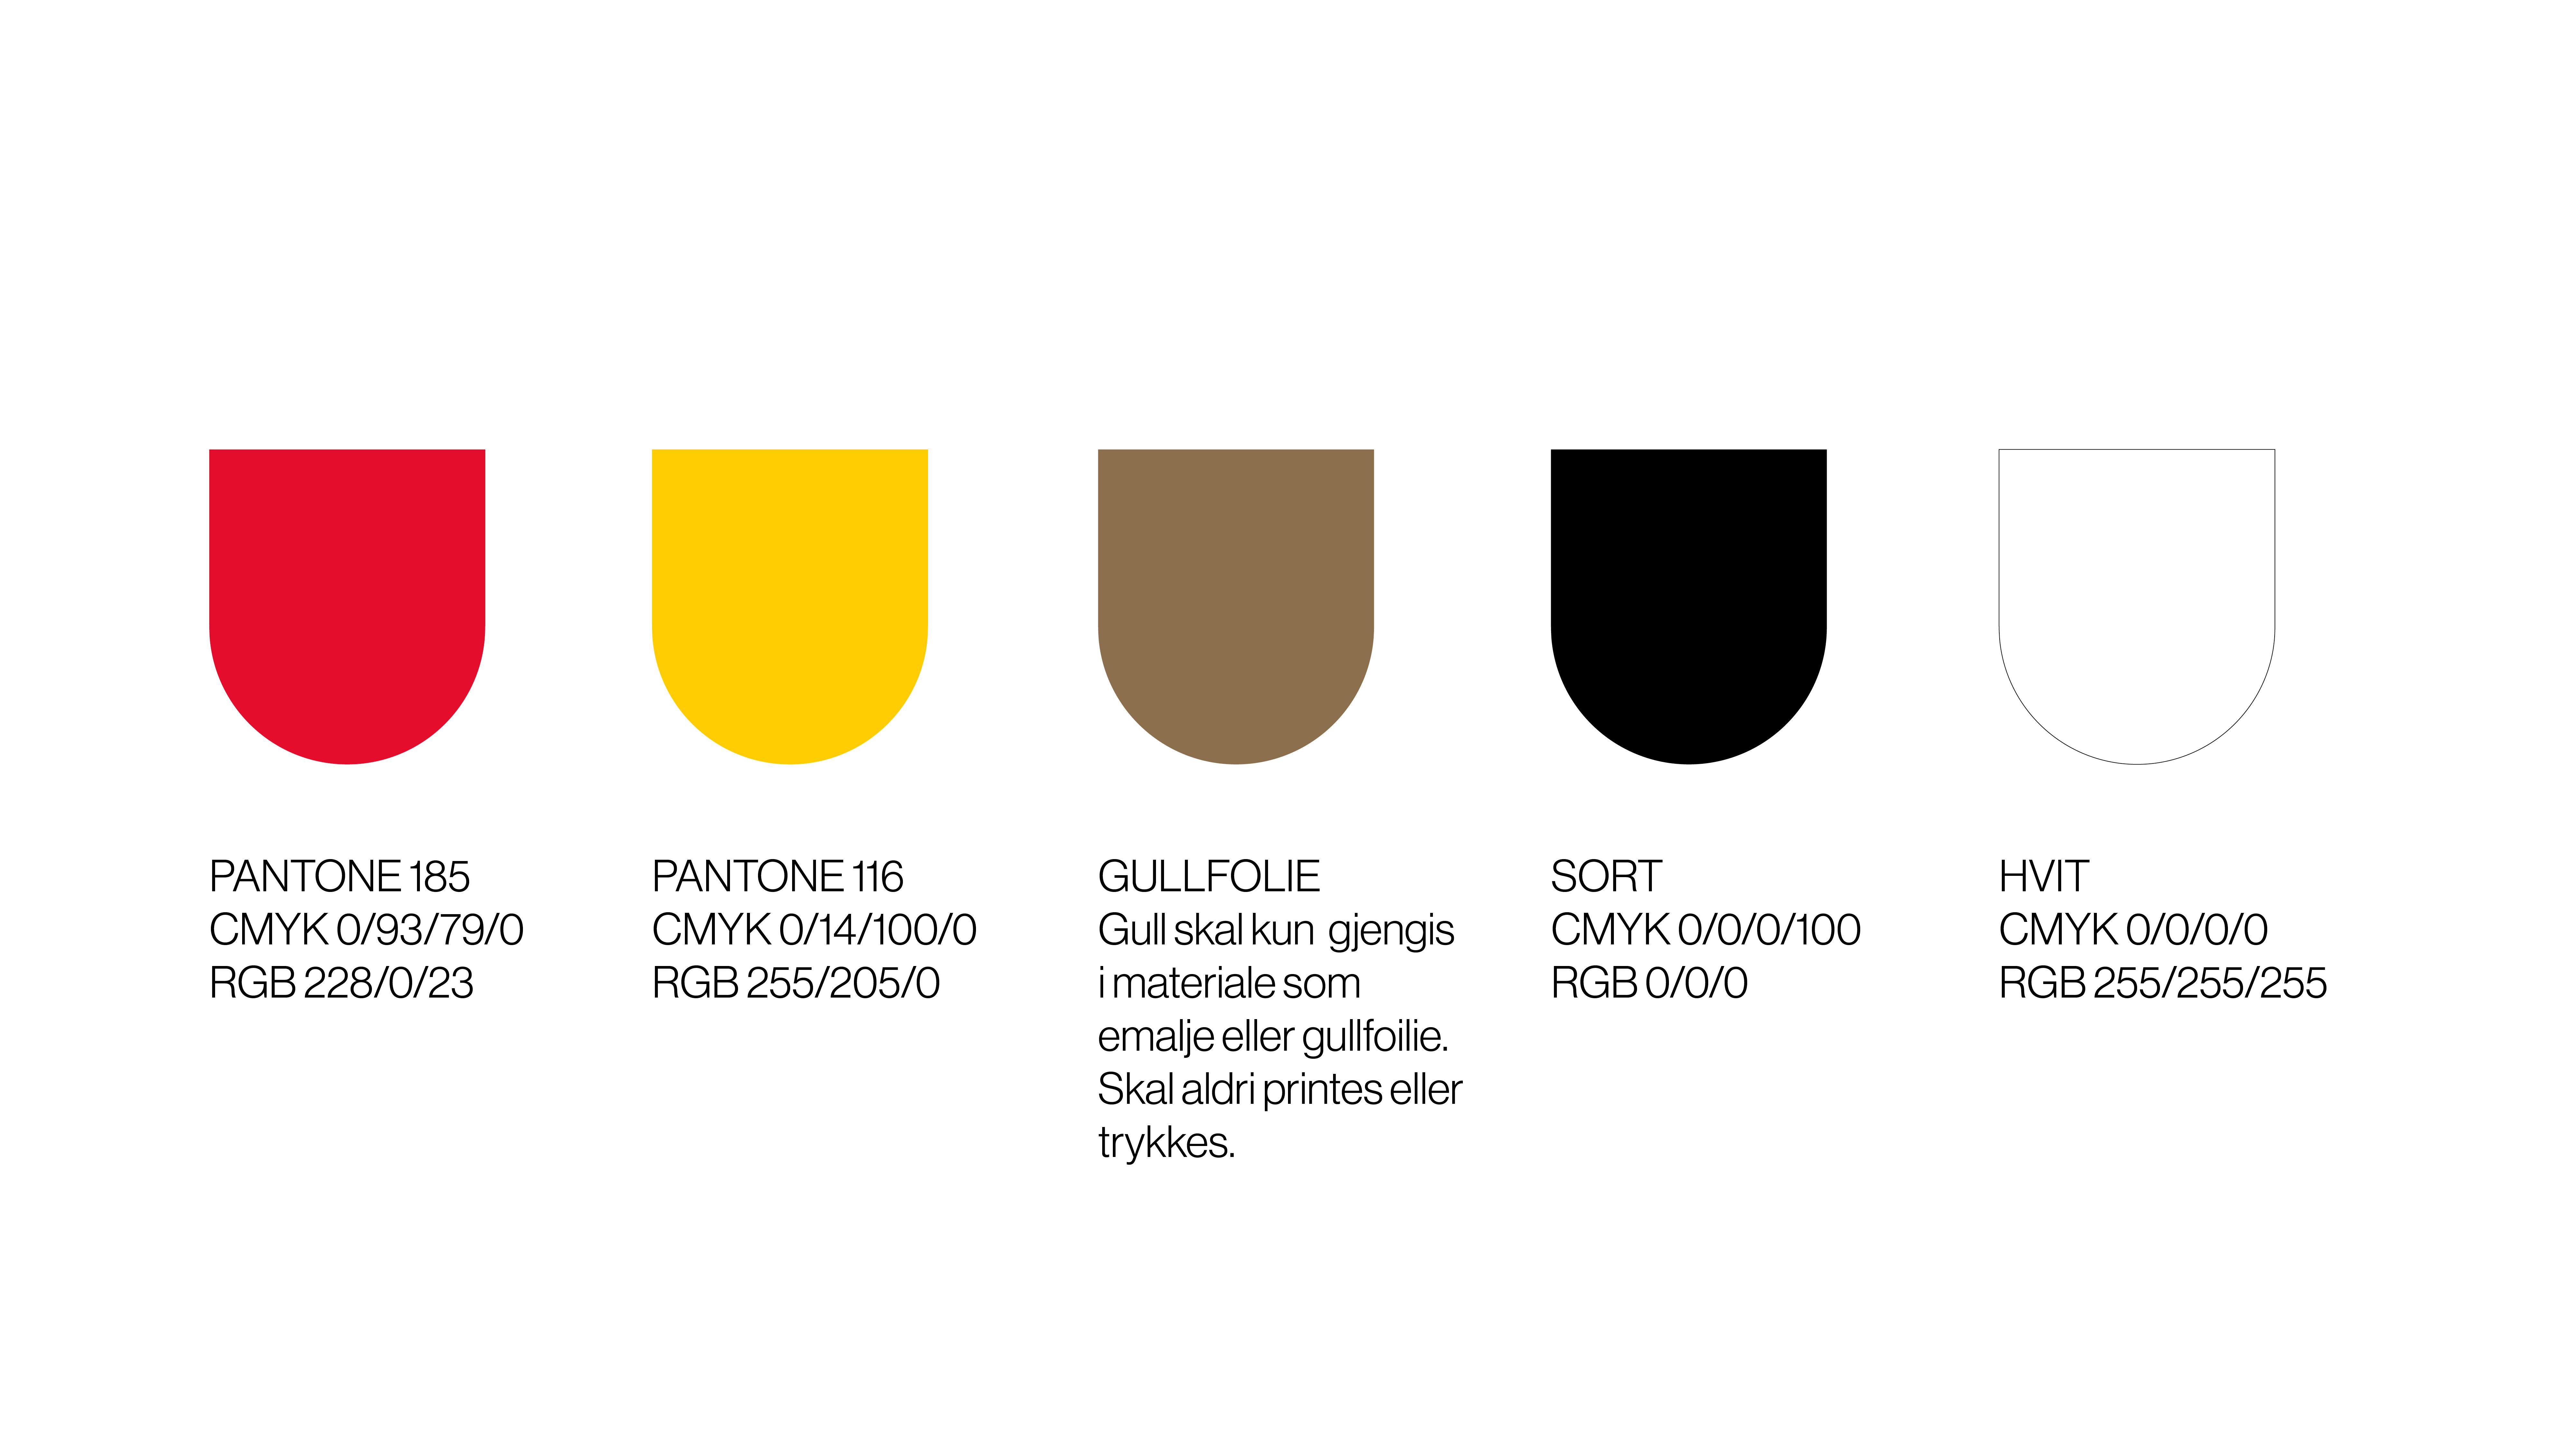 Fargene i det nye fylkesvåpenet for Vestfold og Telemark er rødt og gull, eller gult.